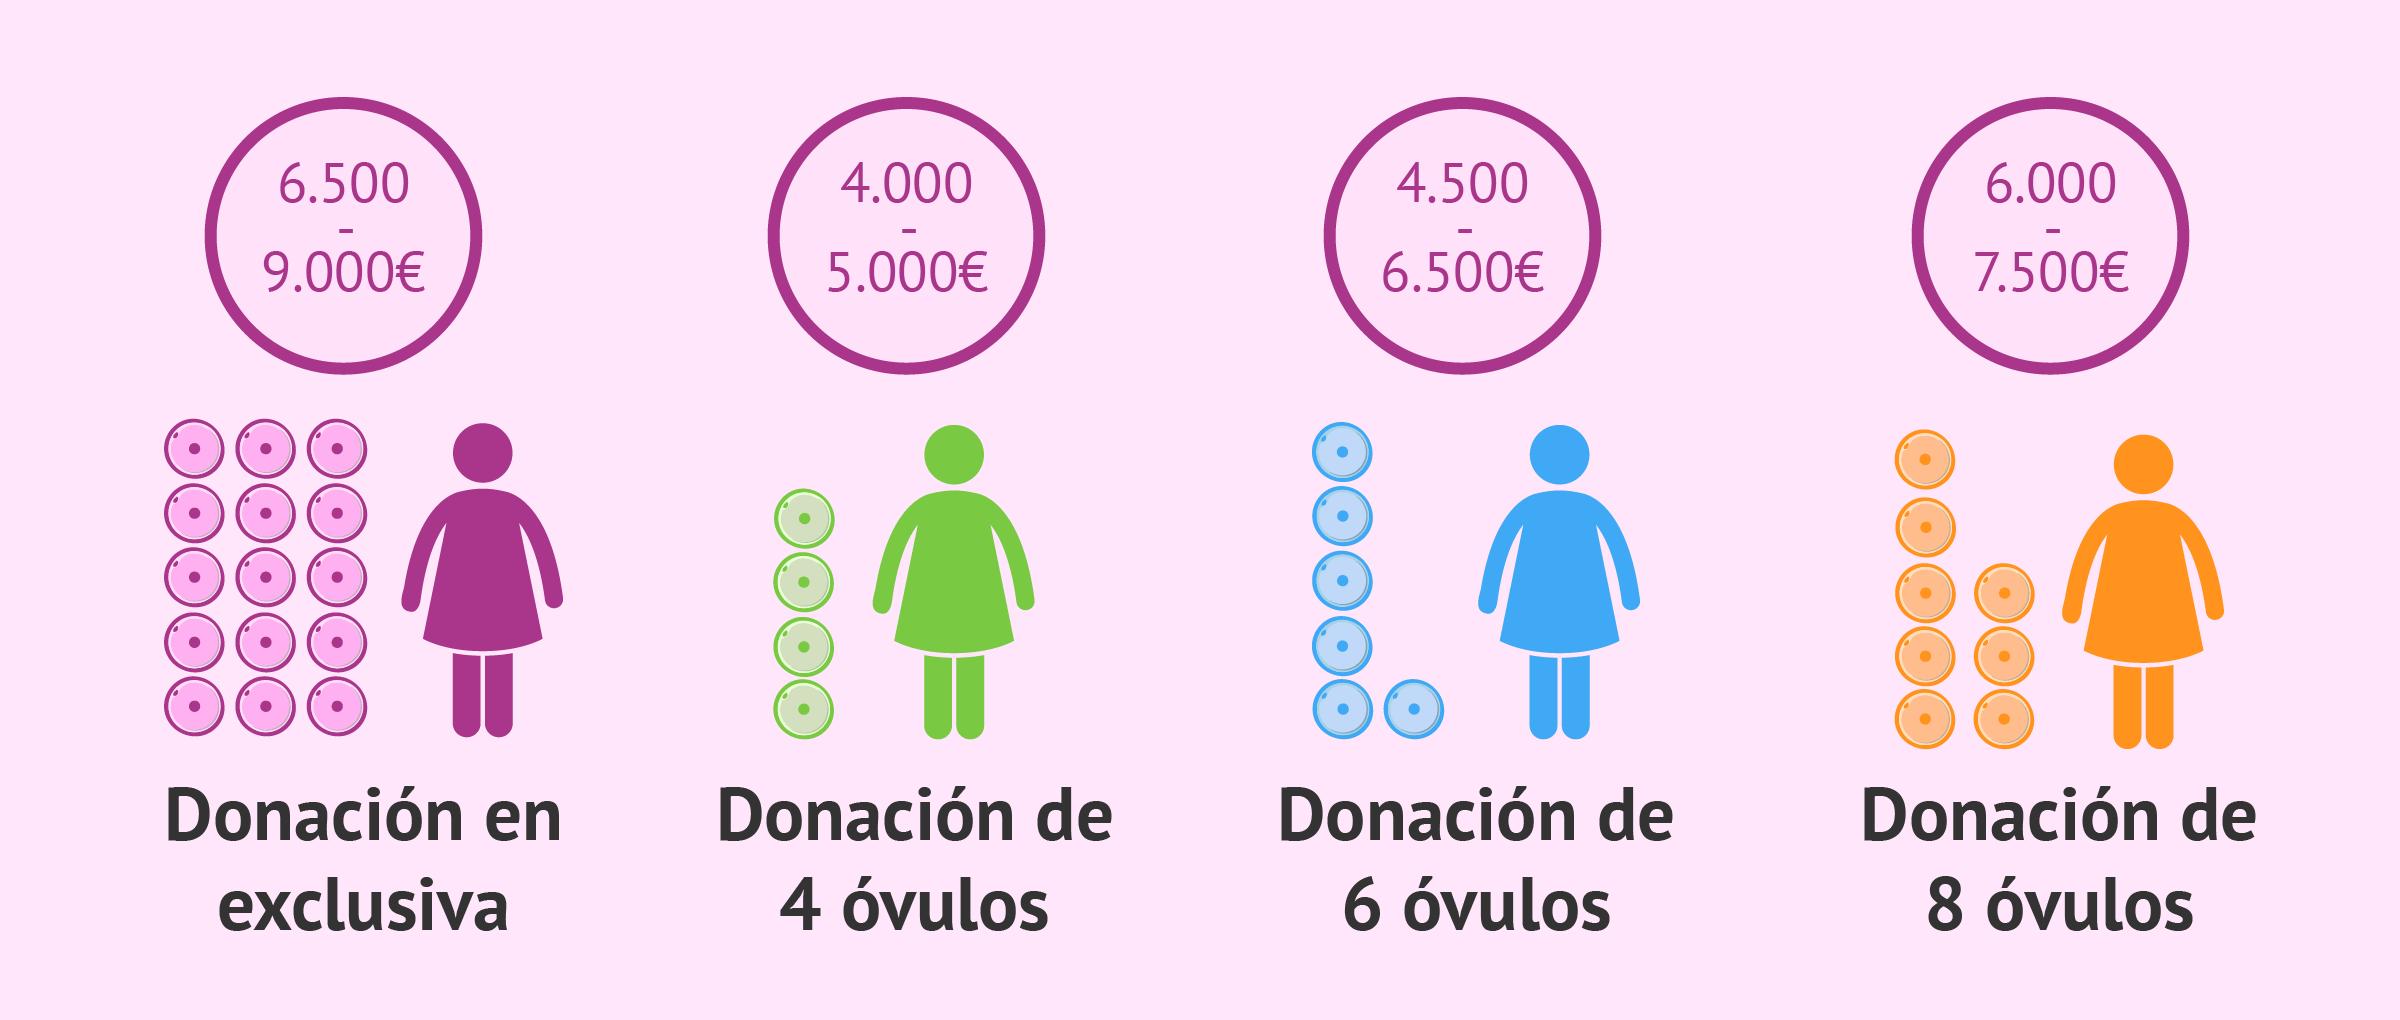 Precio de los tratamientos de FIV con donación de óvulos